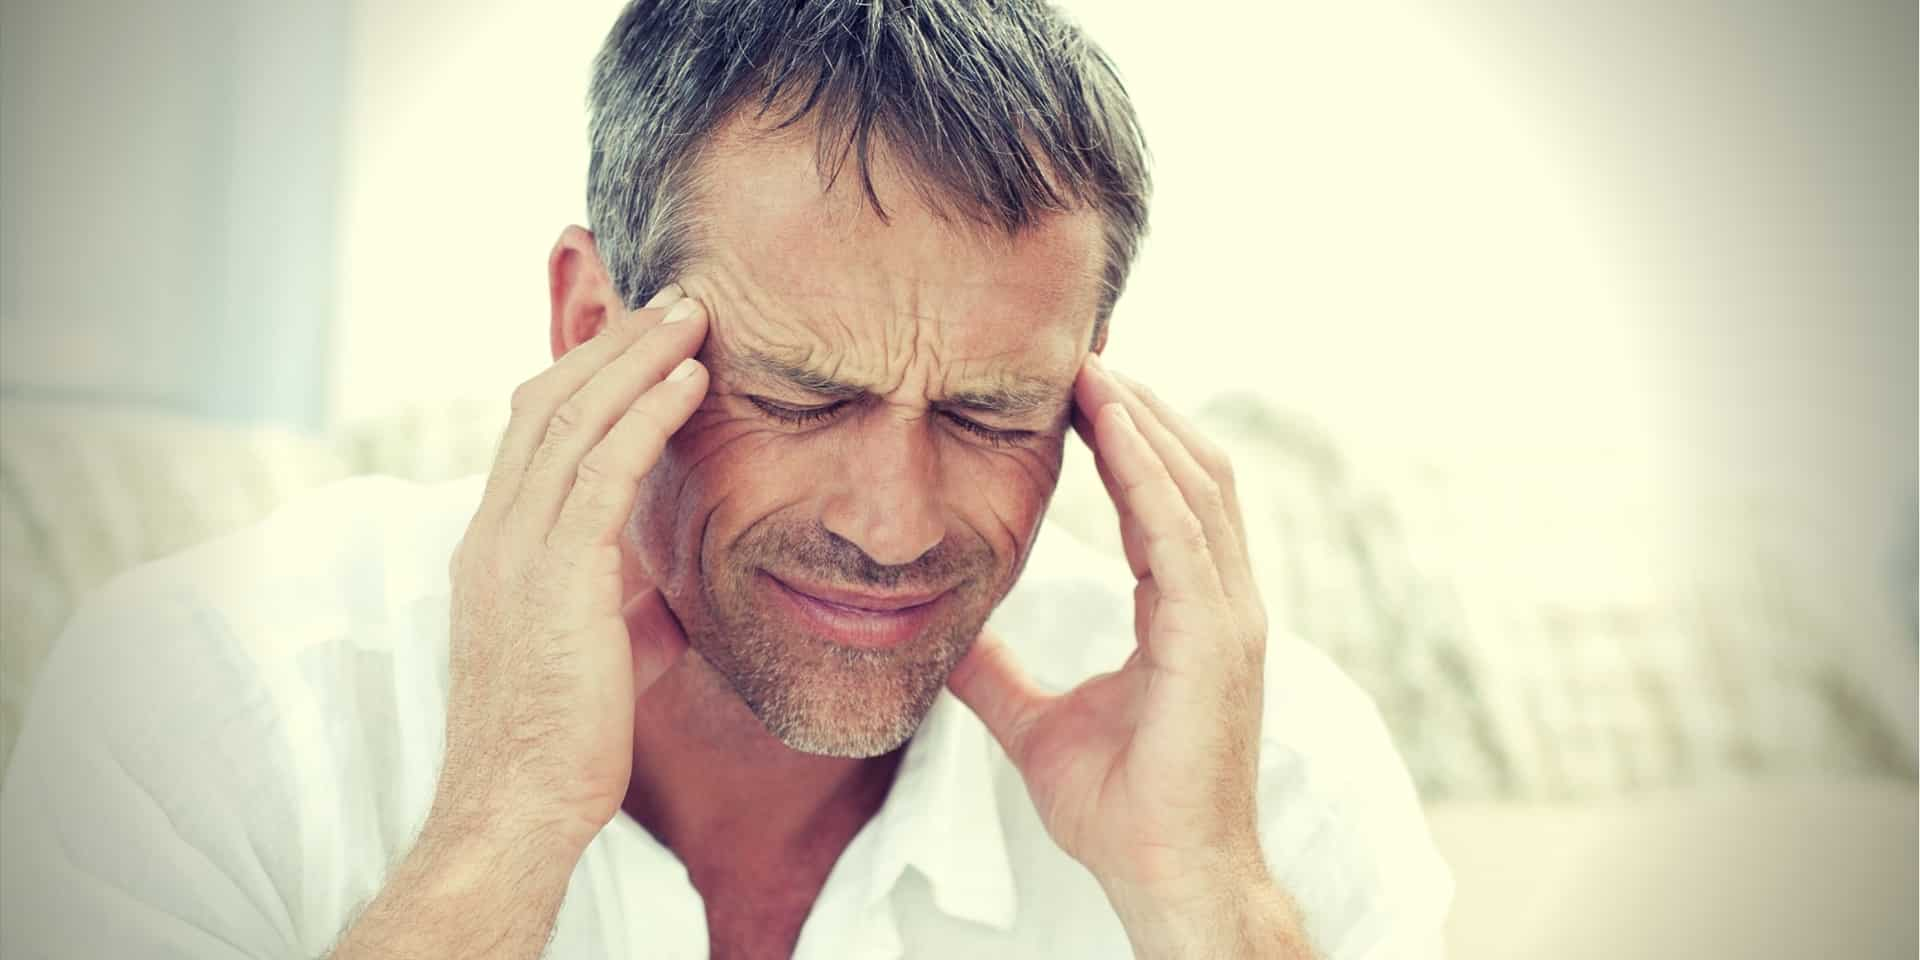 Kratom Headache Man having a headache at home